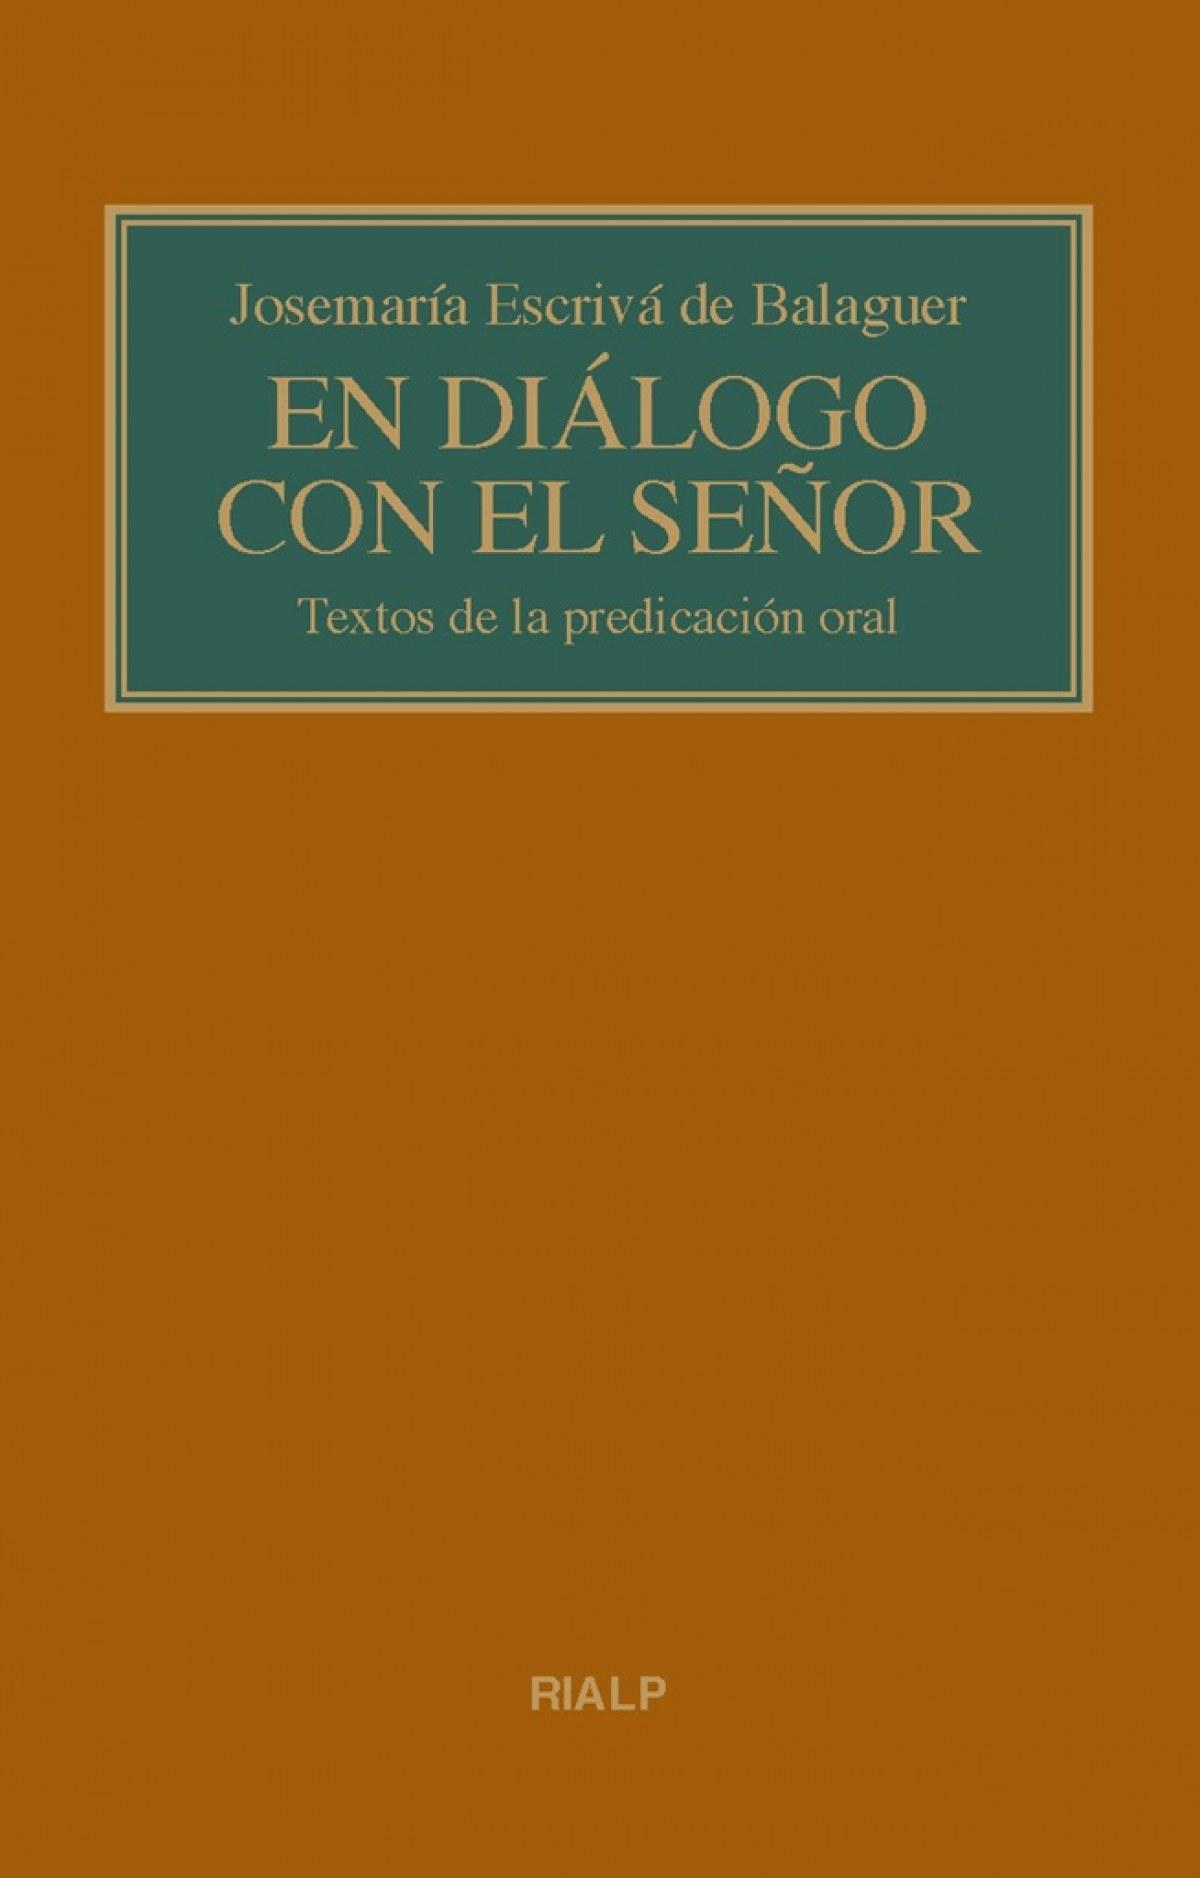 EN DIÁLOGO CON EL SEÑOR